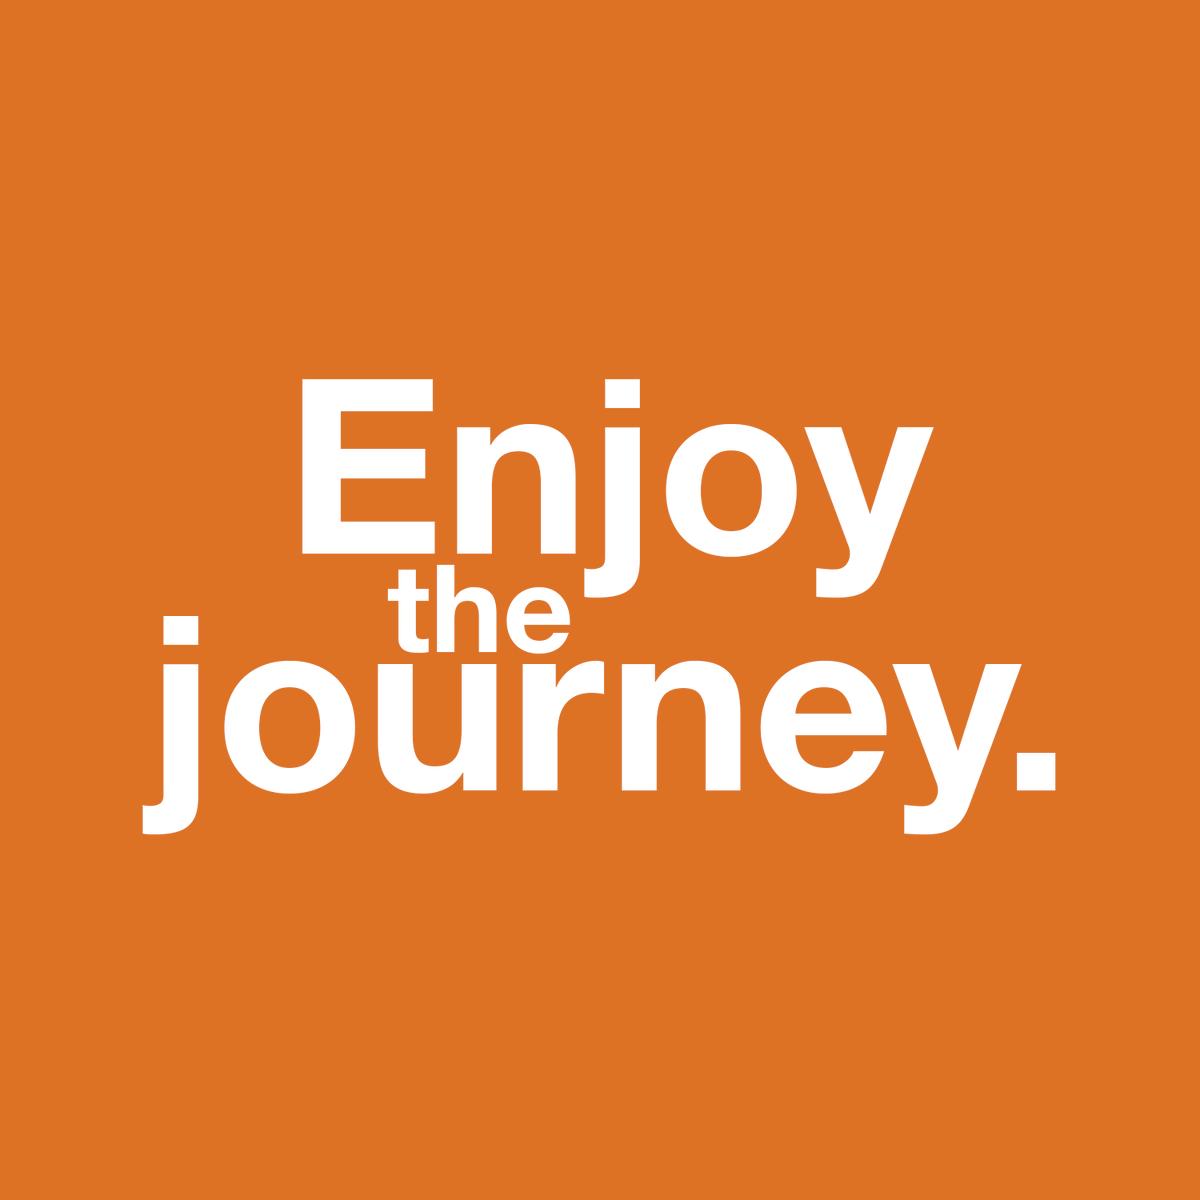 La quotidianità è una continua avventura e in ogni momento possiamo scegliere con che spirito viverla. Noi abbiamo deciso di farci guidare dall'istinto e dal cuore. Are you ready?🔸  #Pittarello #EnjoyTheJourney #WeLoveShoes #shoes #shoeslovers #Shoespower #travel #viaggio https://t.co/vU8yVTWfbq